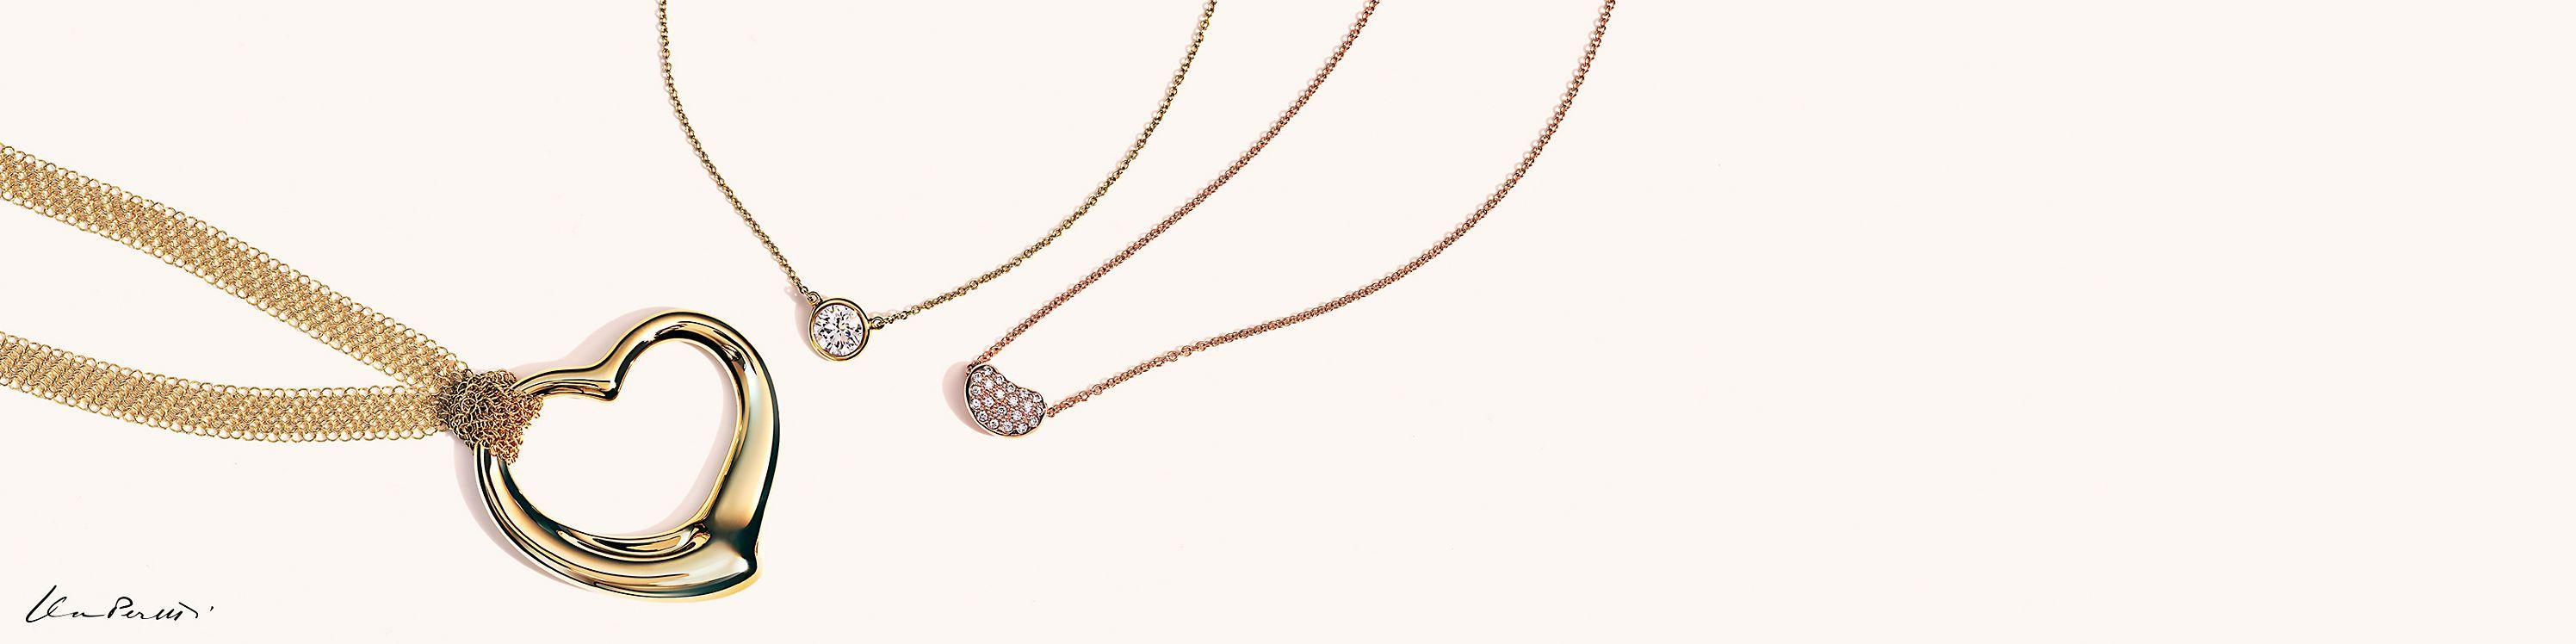 Shop Elsa Peretti? Jewelry